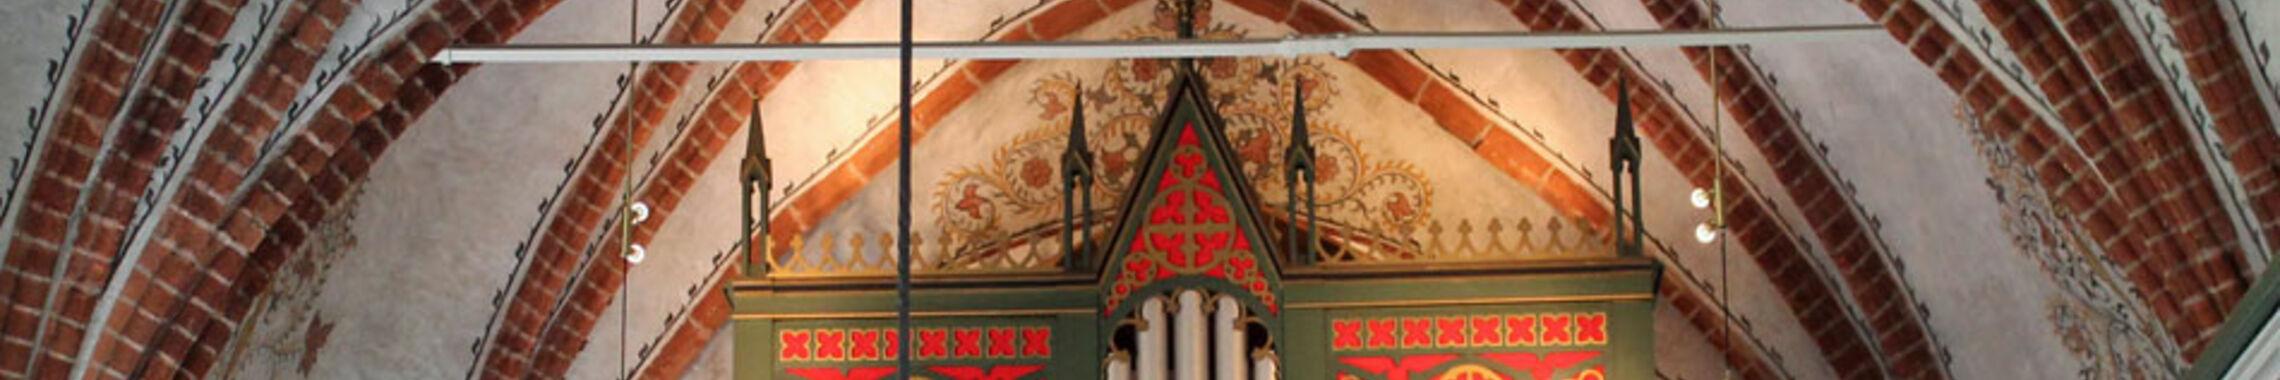 Orgelprospekt der Sankt Laurentiuskirche Müden